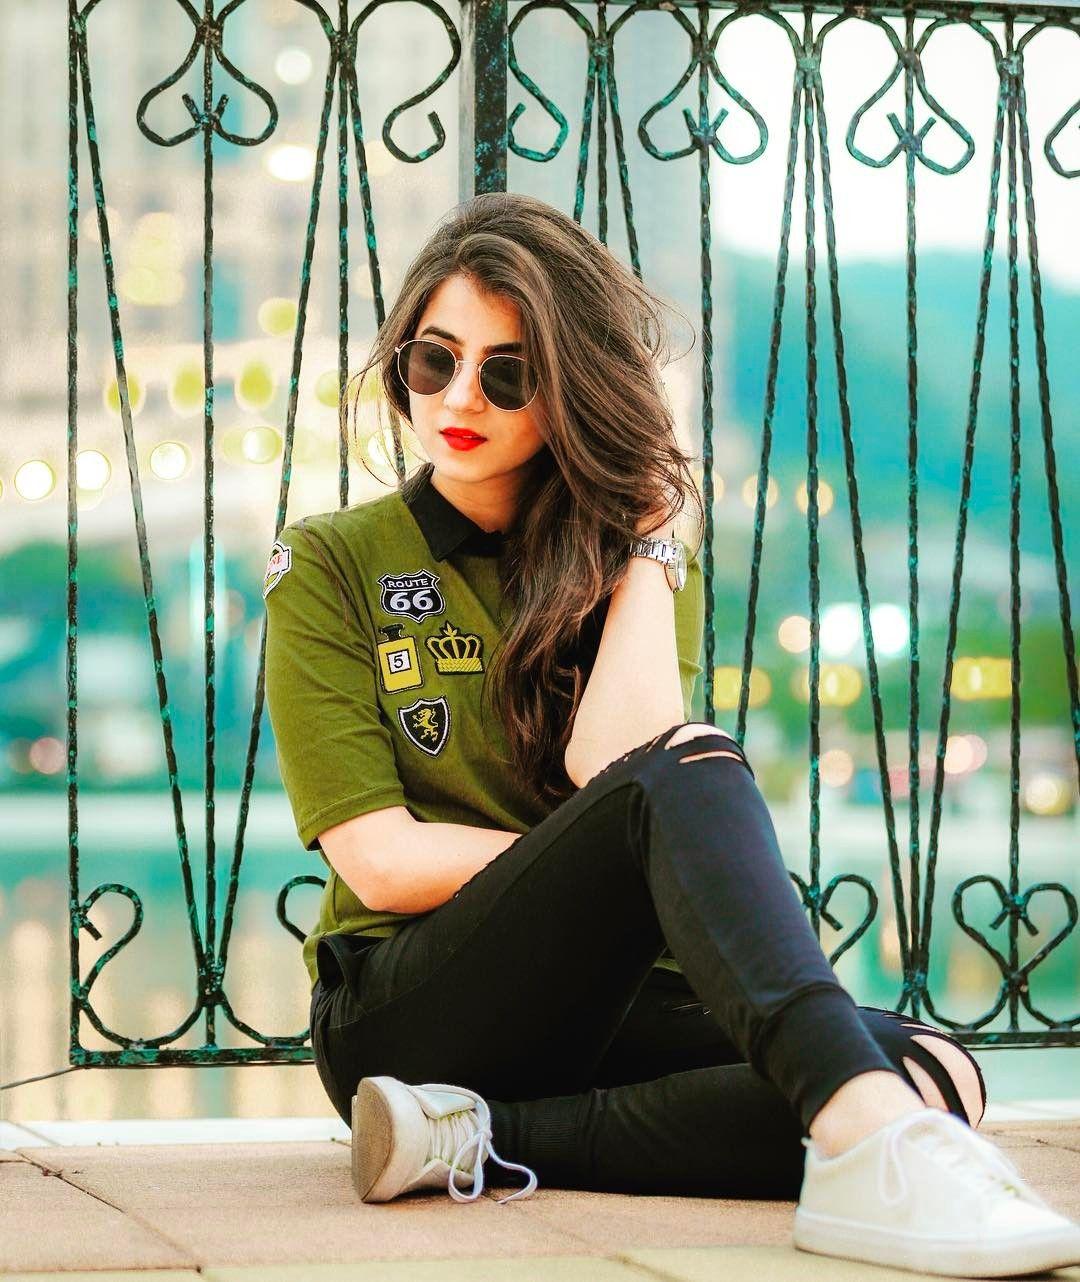 Girls stylish dp for facebook set catalog photo